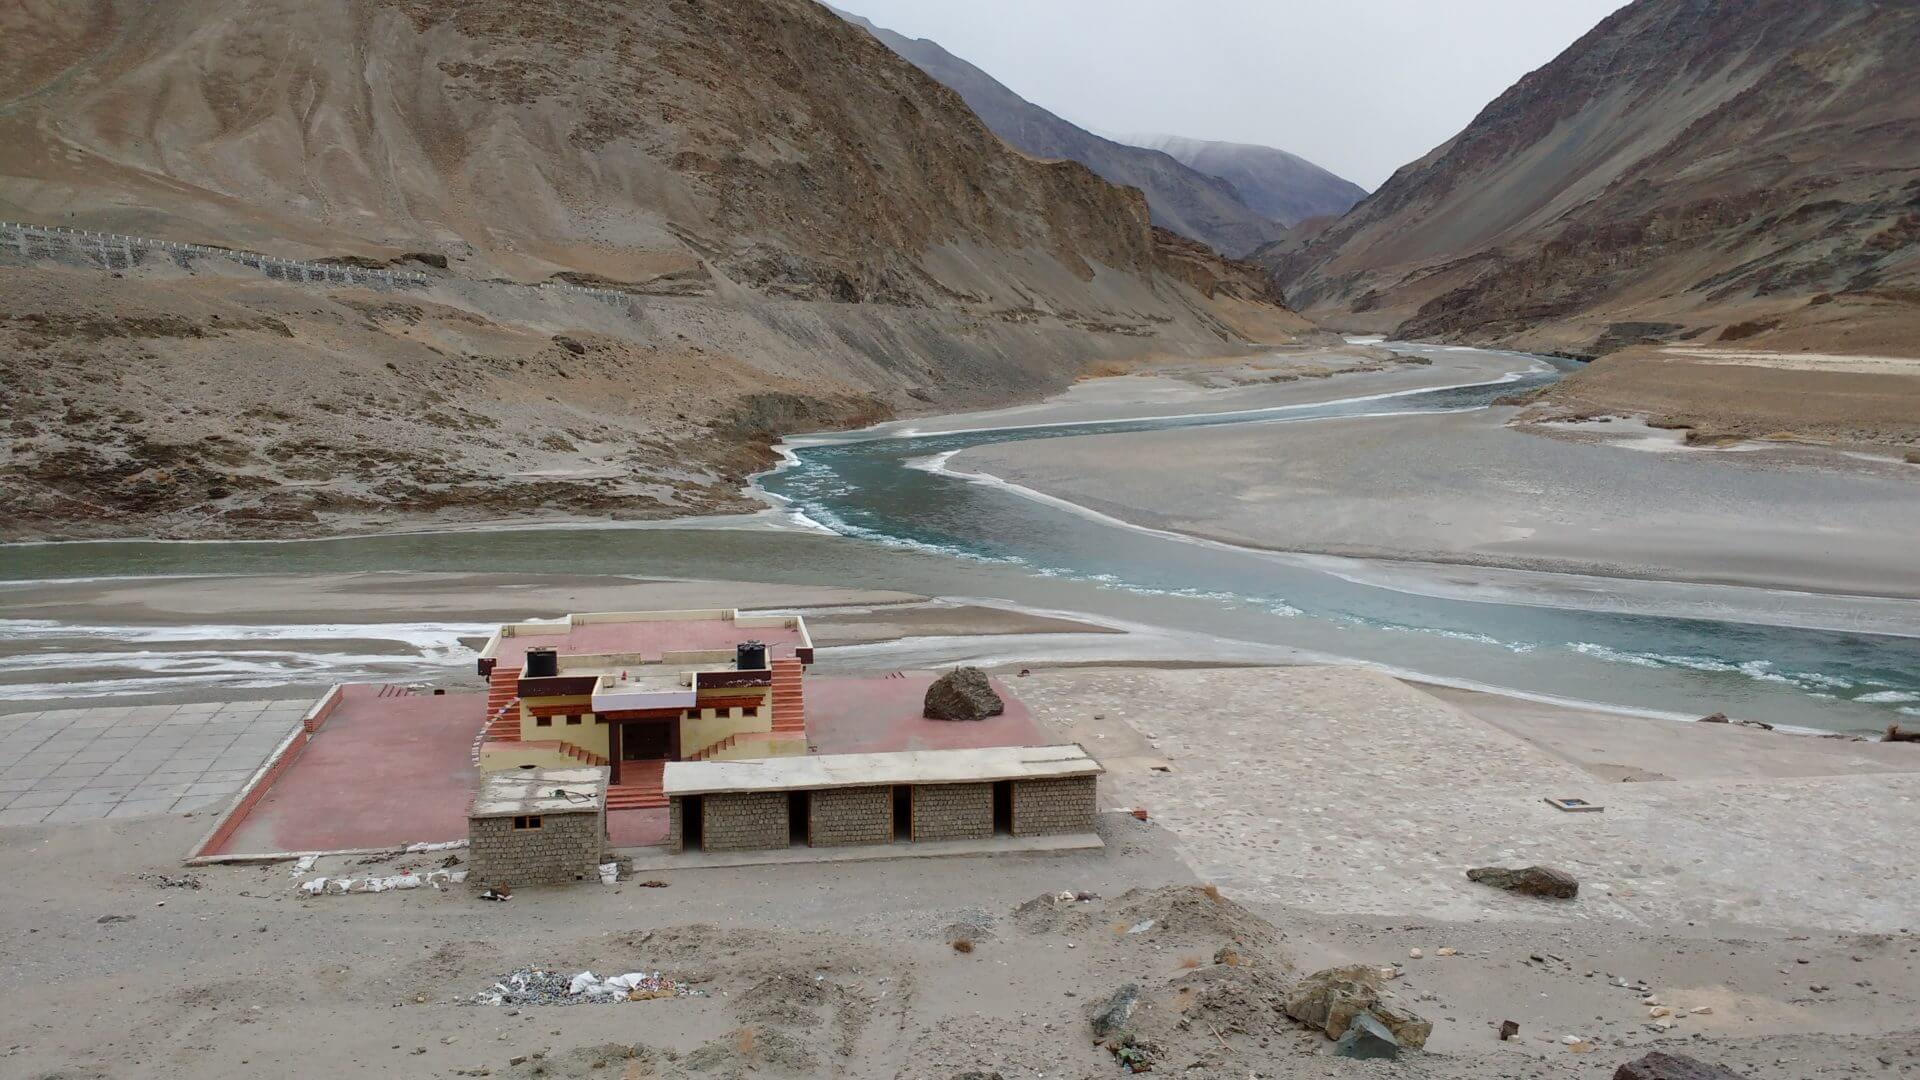 Lamayuru Trek | Trek from Leh Ladakh India